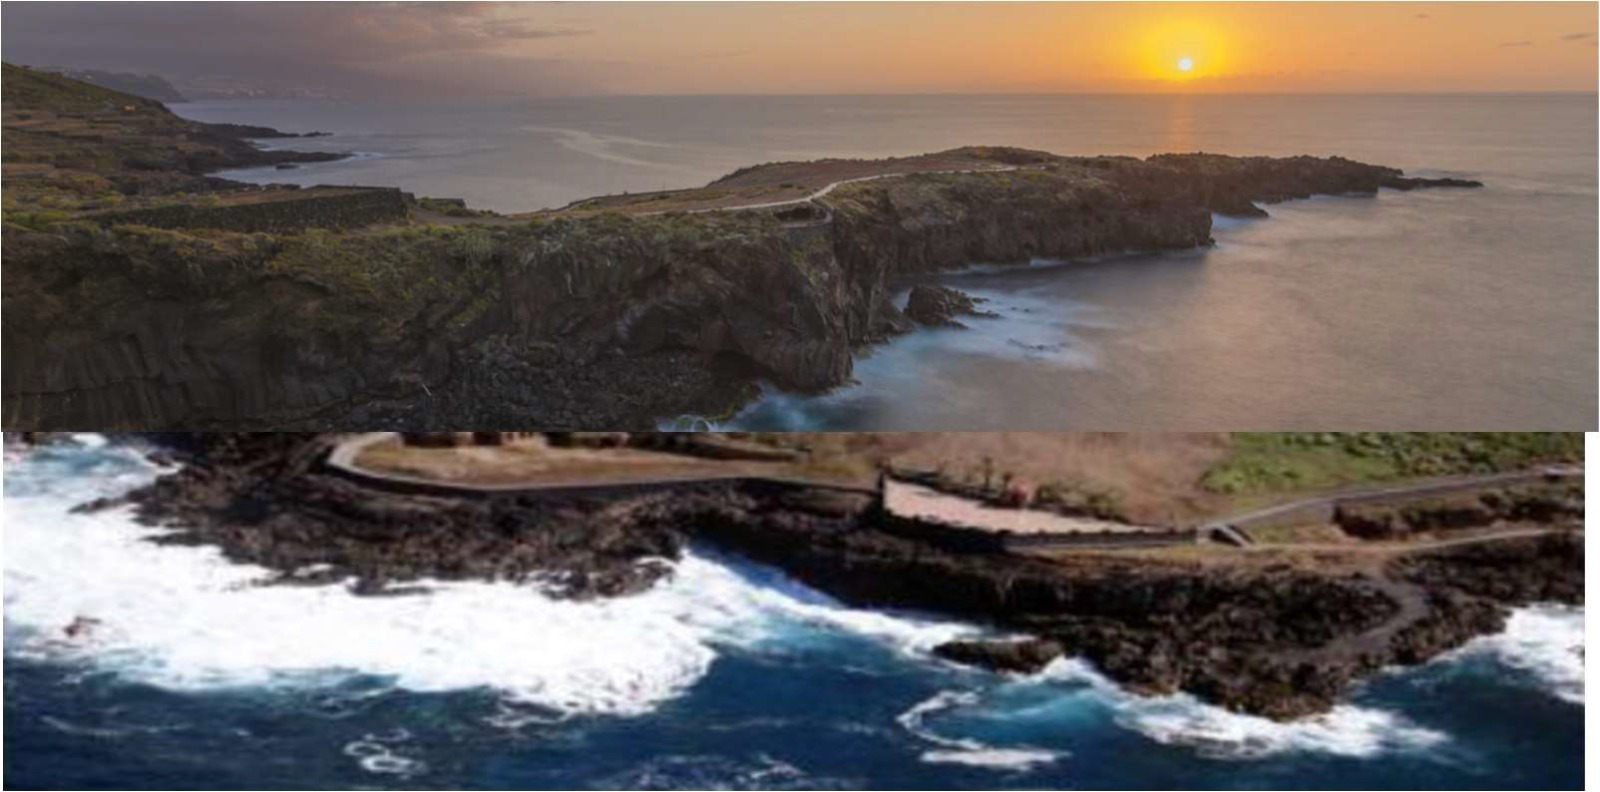 Turismo de Canarias financia la adecuación de la zona de ocio de Costa Rojas con nuevo solárium y acceso al mar